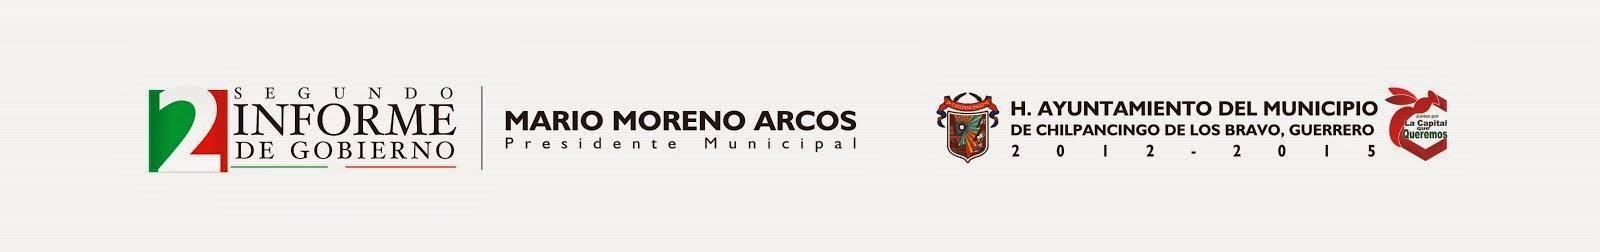 MARIO MORENO ARCOS, SEGUNDO INFORME DE GOBIERNO